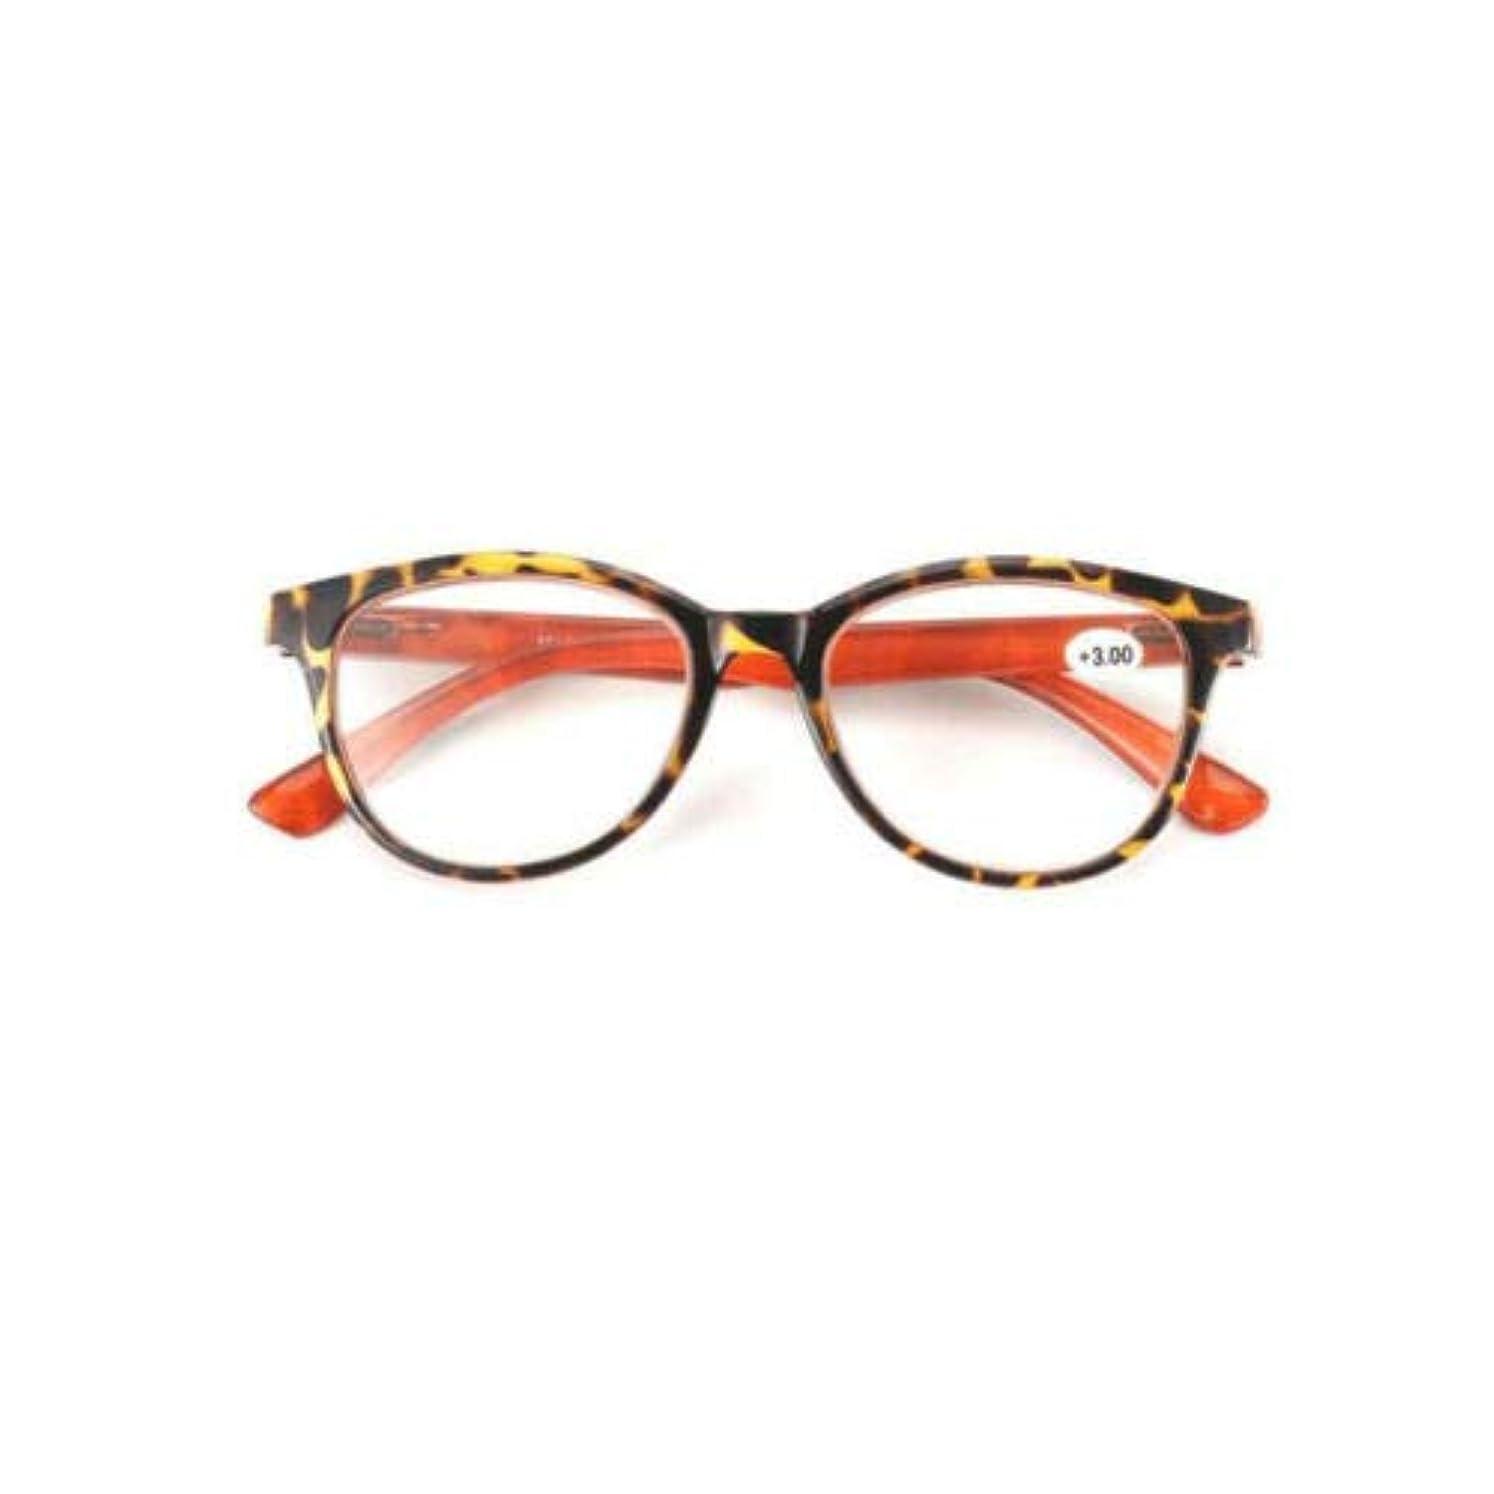 手入れテスピアン学部長FidgetGear ラウンド老眼鏡女性男性眼鏡プラスチックフレームアイリーダー+ 1.0?+ 3.5 ヒョウ